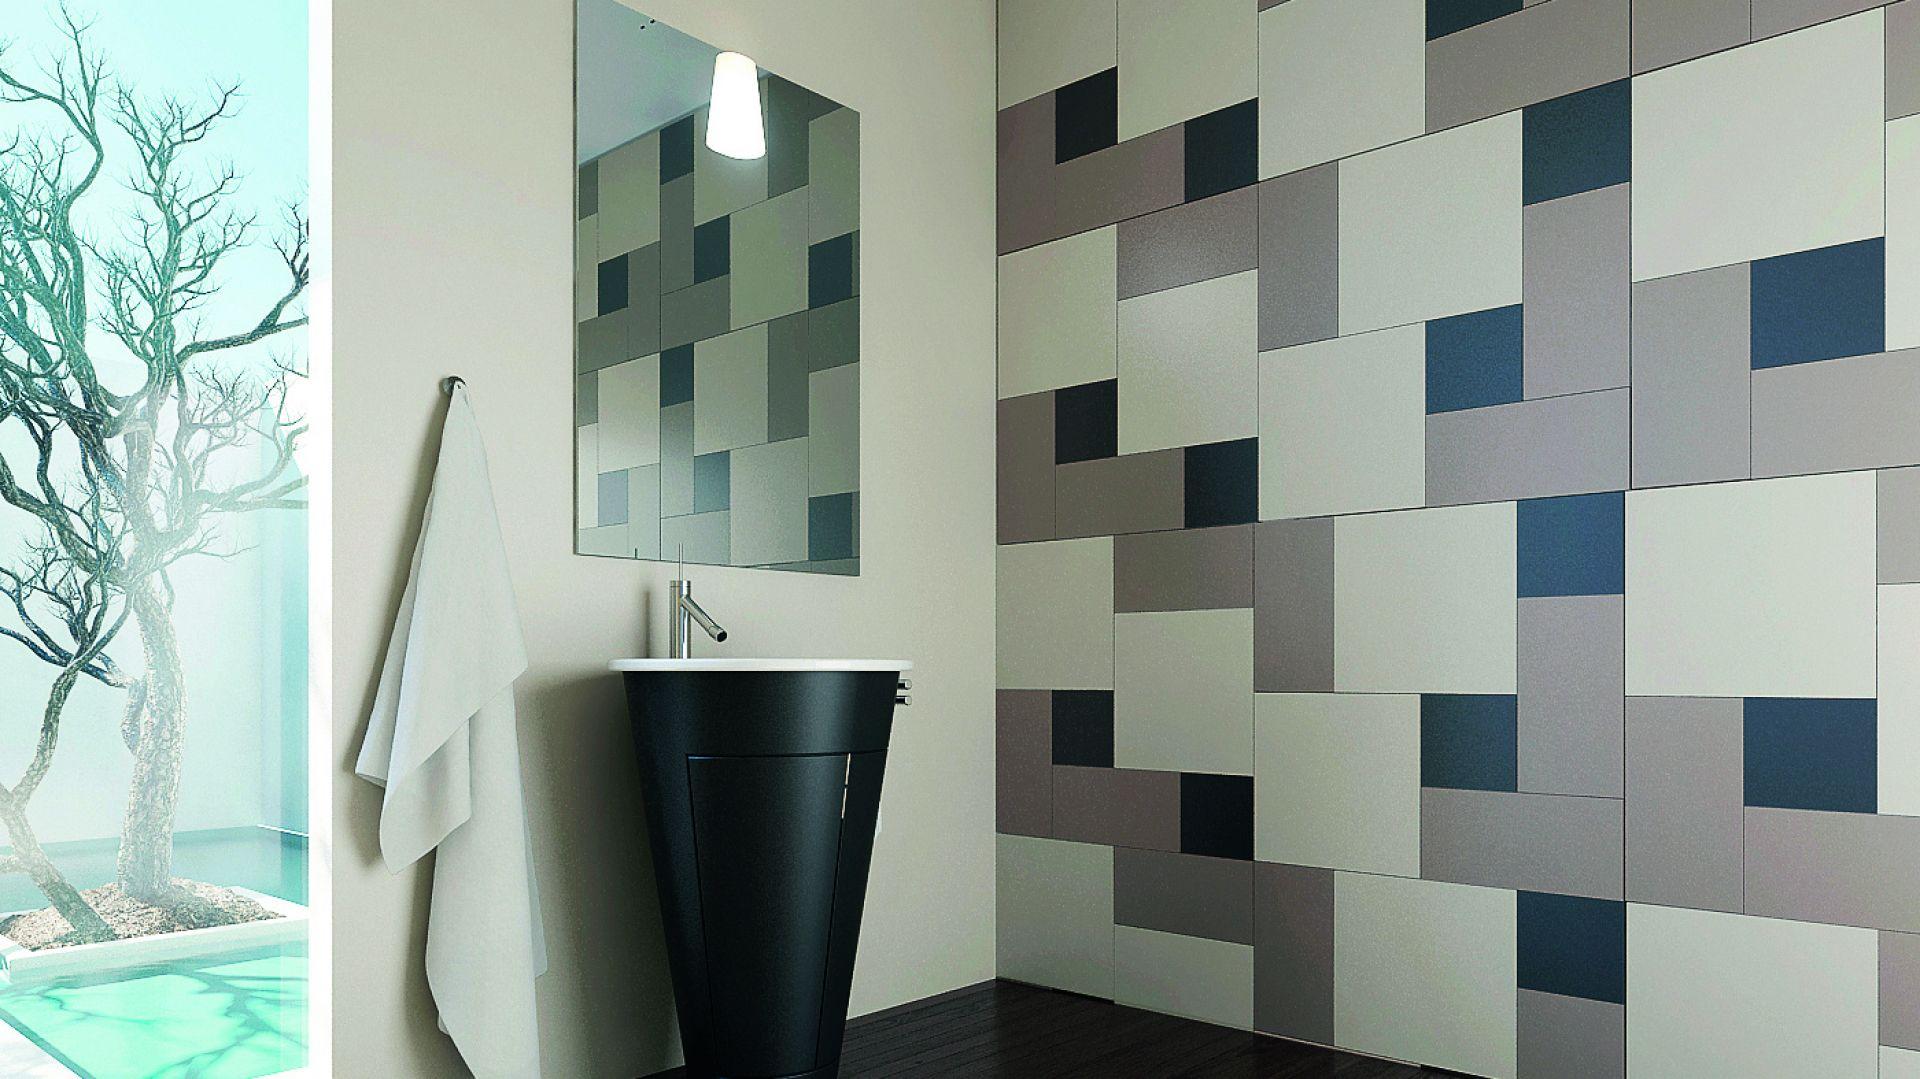 Szkło w łazience może przyjmować różne postaci – na przykład szklanych, matowych płytek na ścianie z kolekcji Colorimo Forma w satynowym wykończeniu. Fot. Mochnik